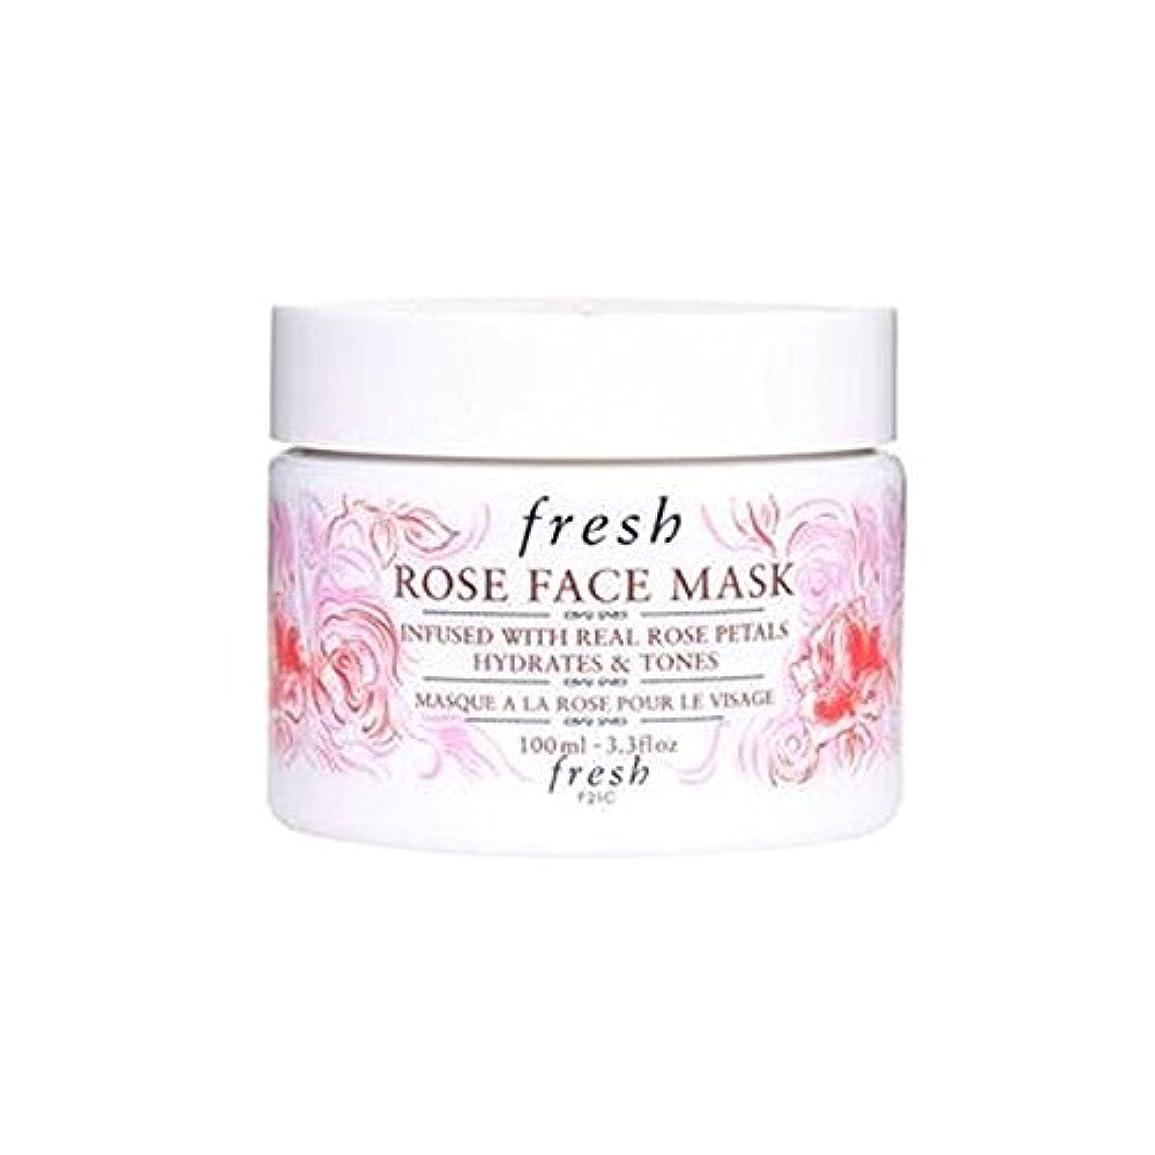 明確なコンデンサー意気揚々Fresh (フレッシュ) 15周年記念限定版 Rose Face Mask ローズフェイスマスク-, 100ml /3.3 fl.oz [並行輸入品] [海外直送品]